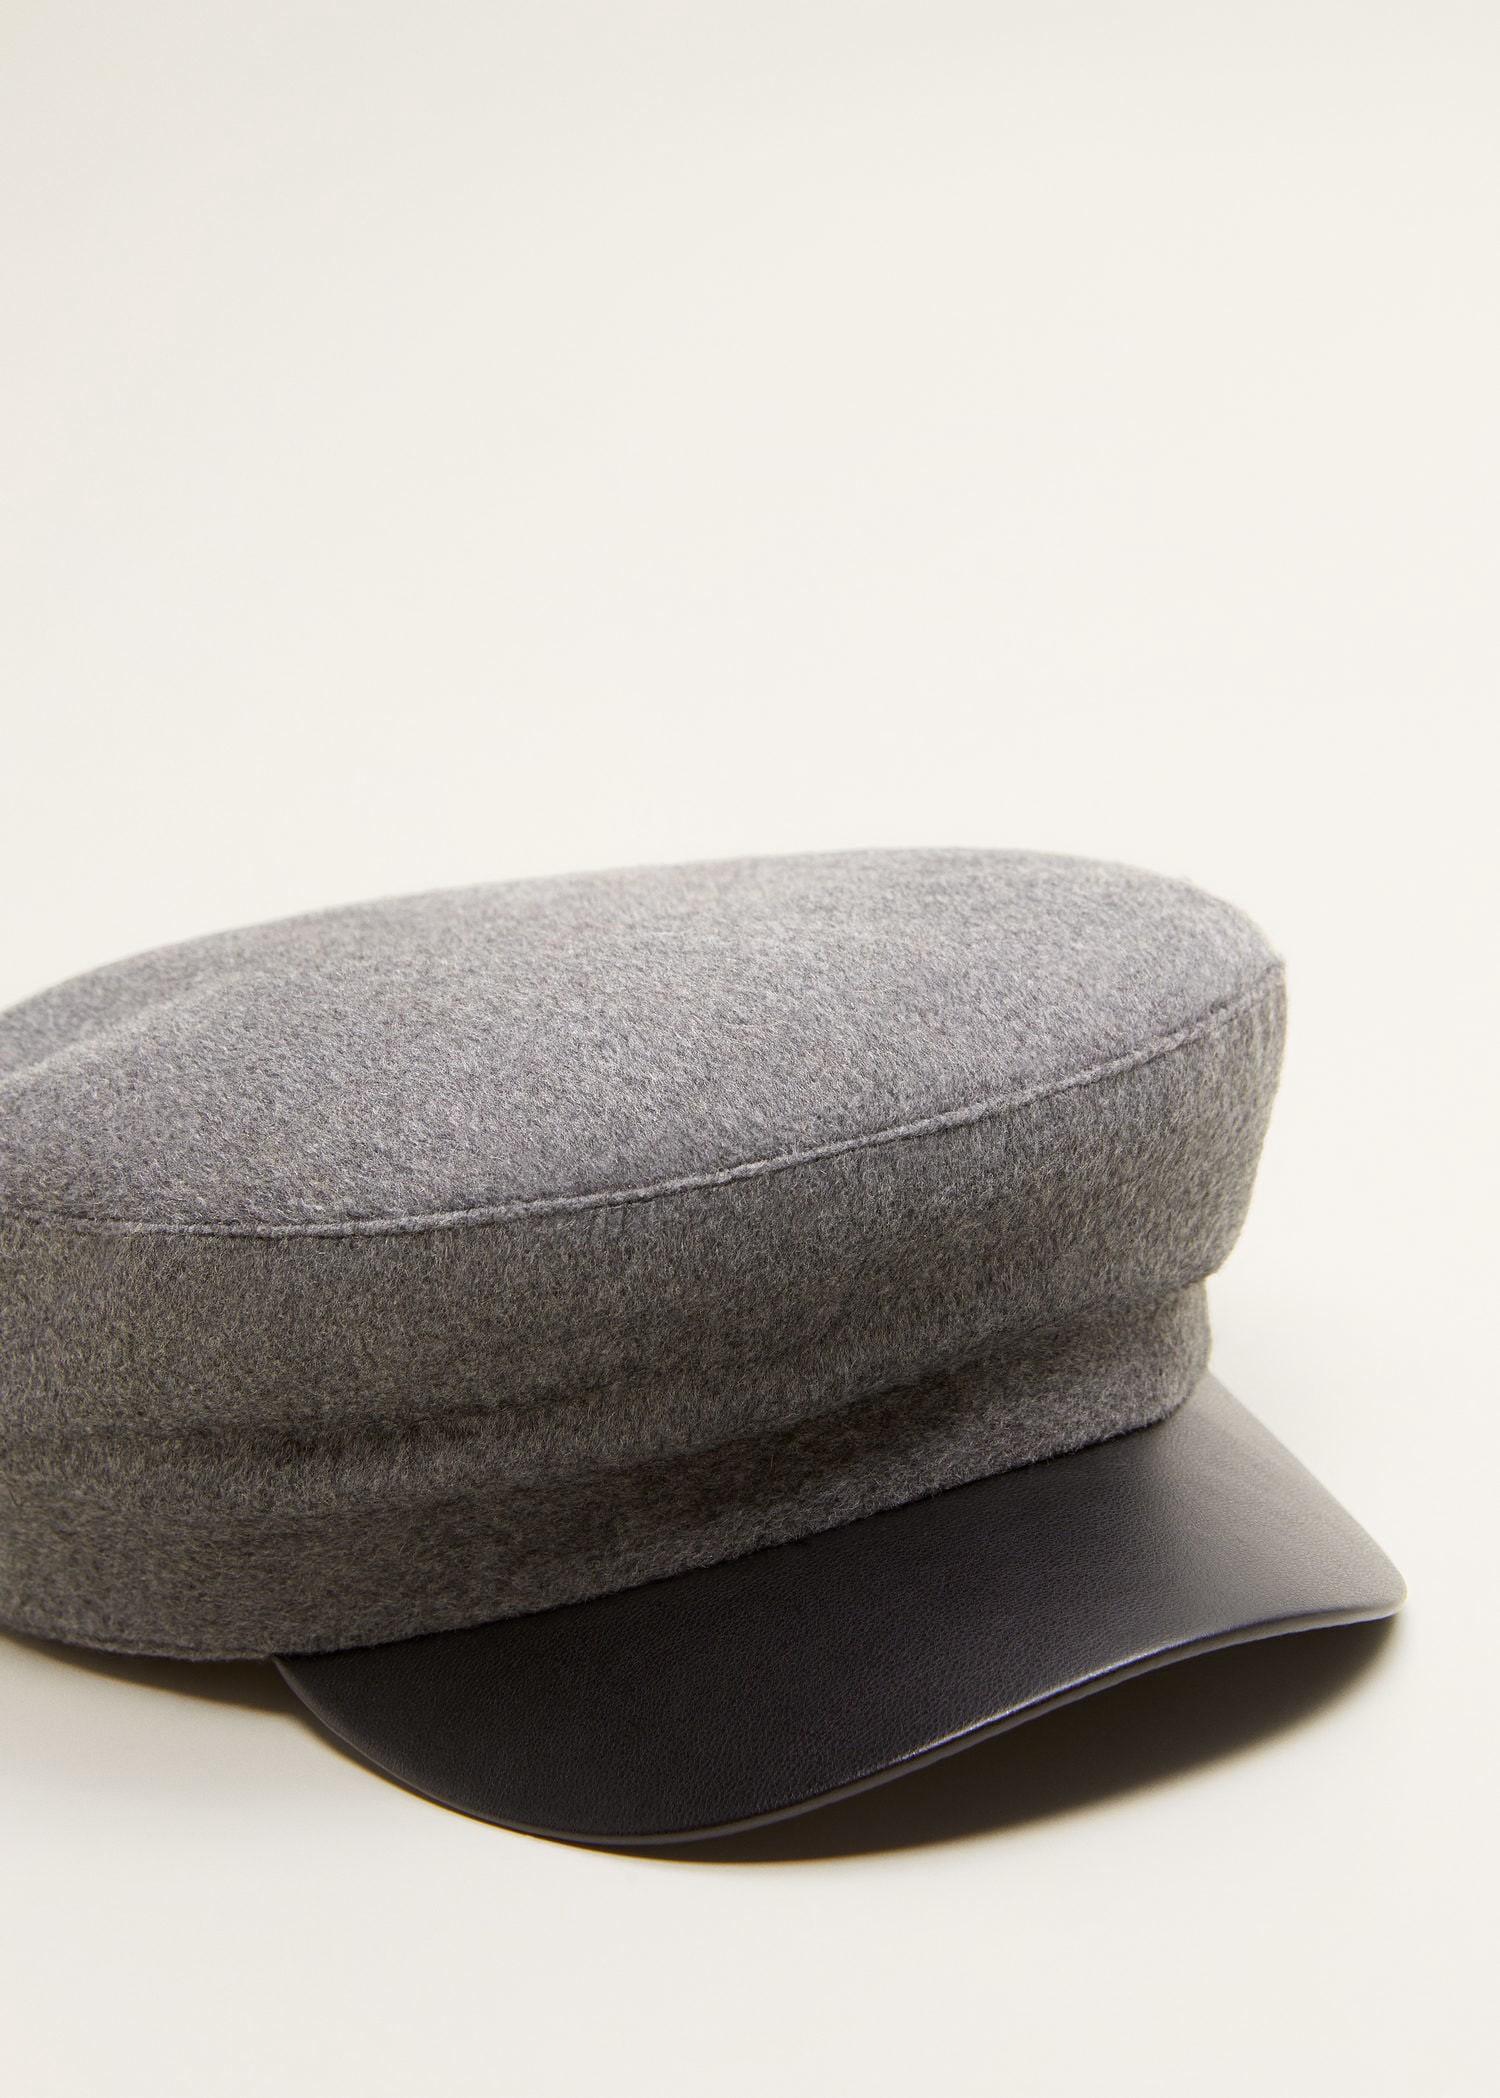 6931b7f5675 Mango Baker Boy Hat - Medium Heather Grey One Size